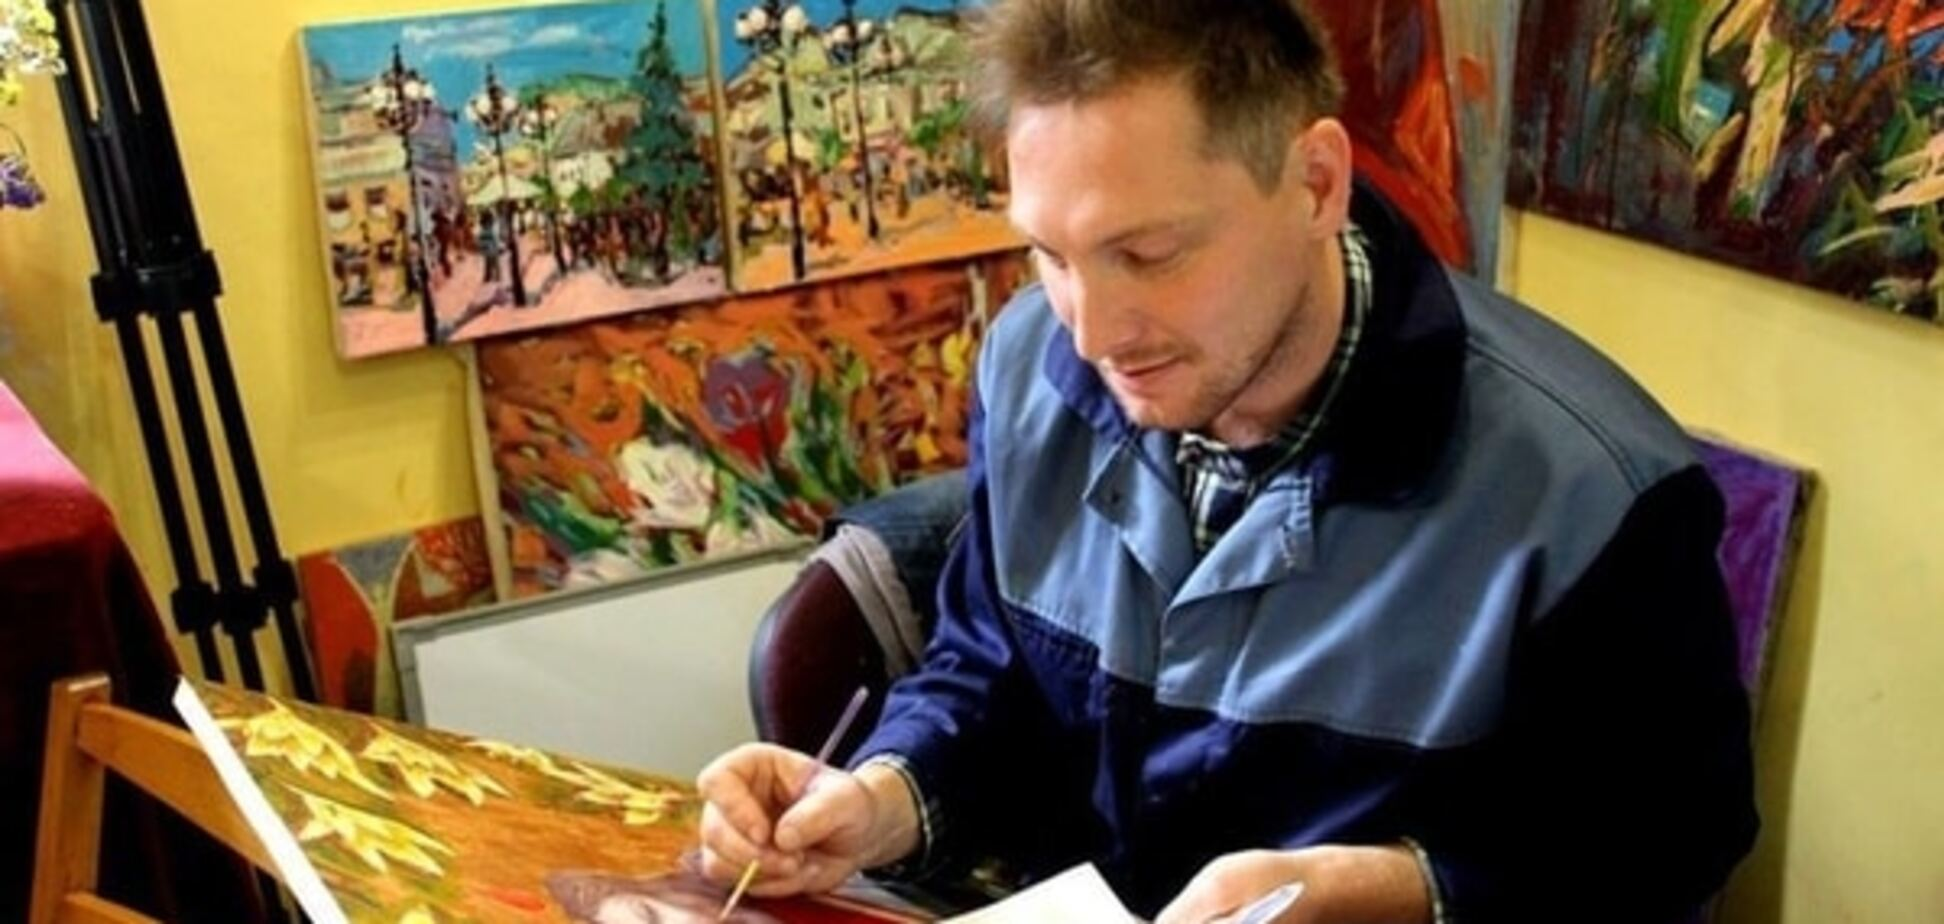 Боротьба за життя: як важкохворі українці заробляють на лікування